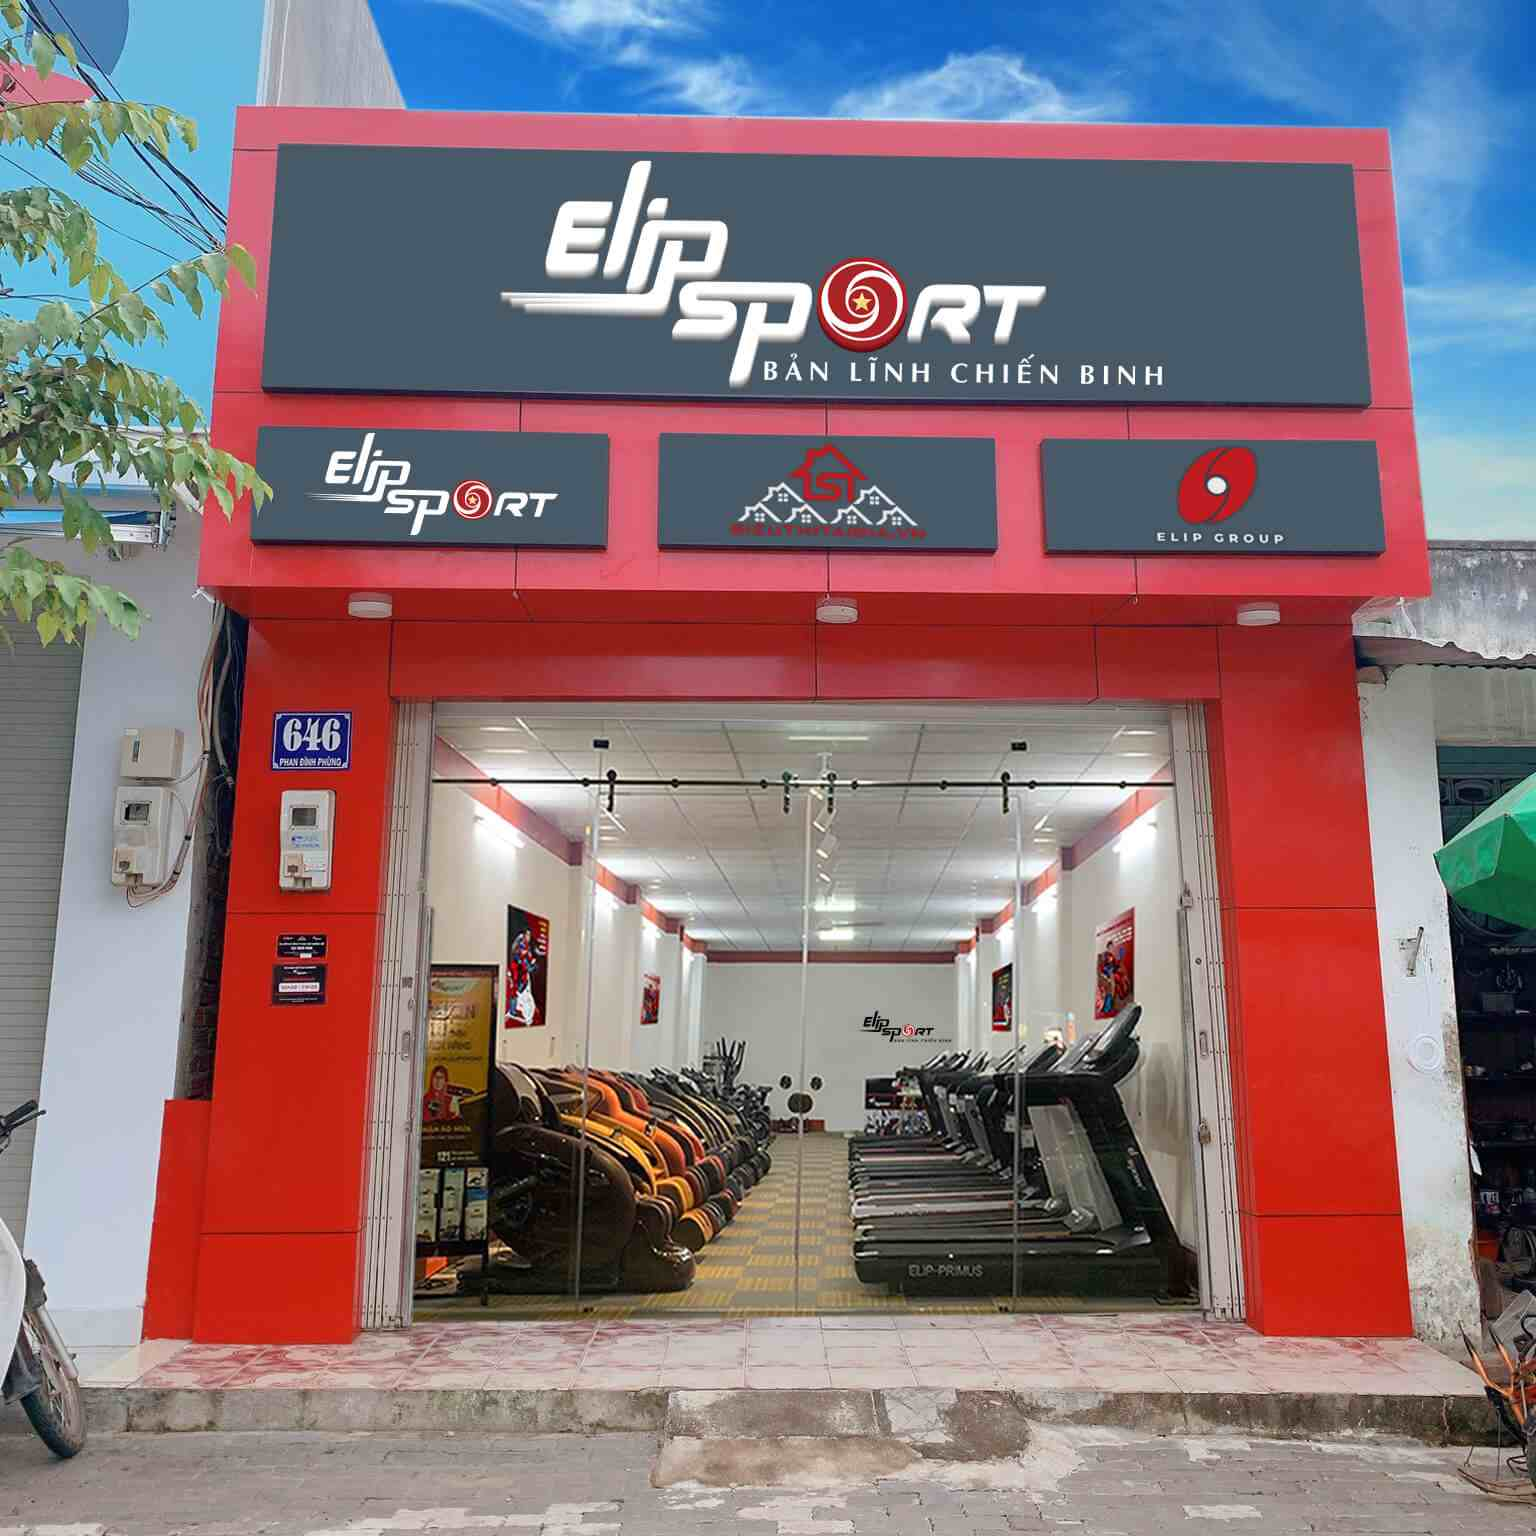 Hình ảnh của chi nhánh Elipsport Kon Tum